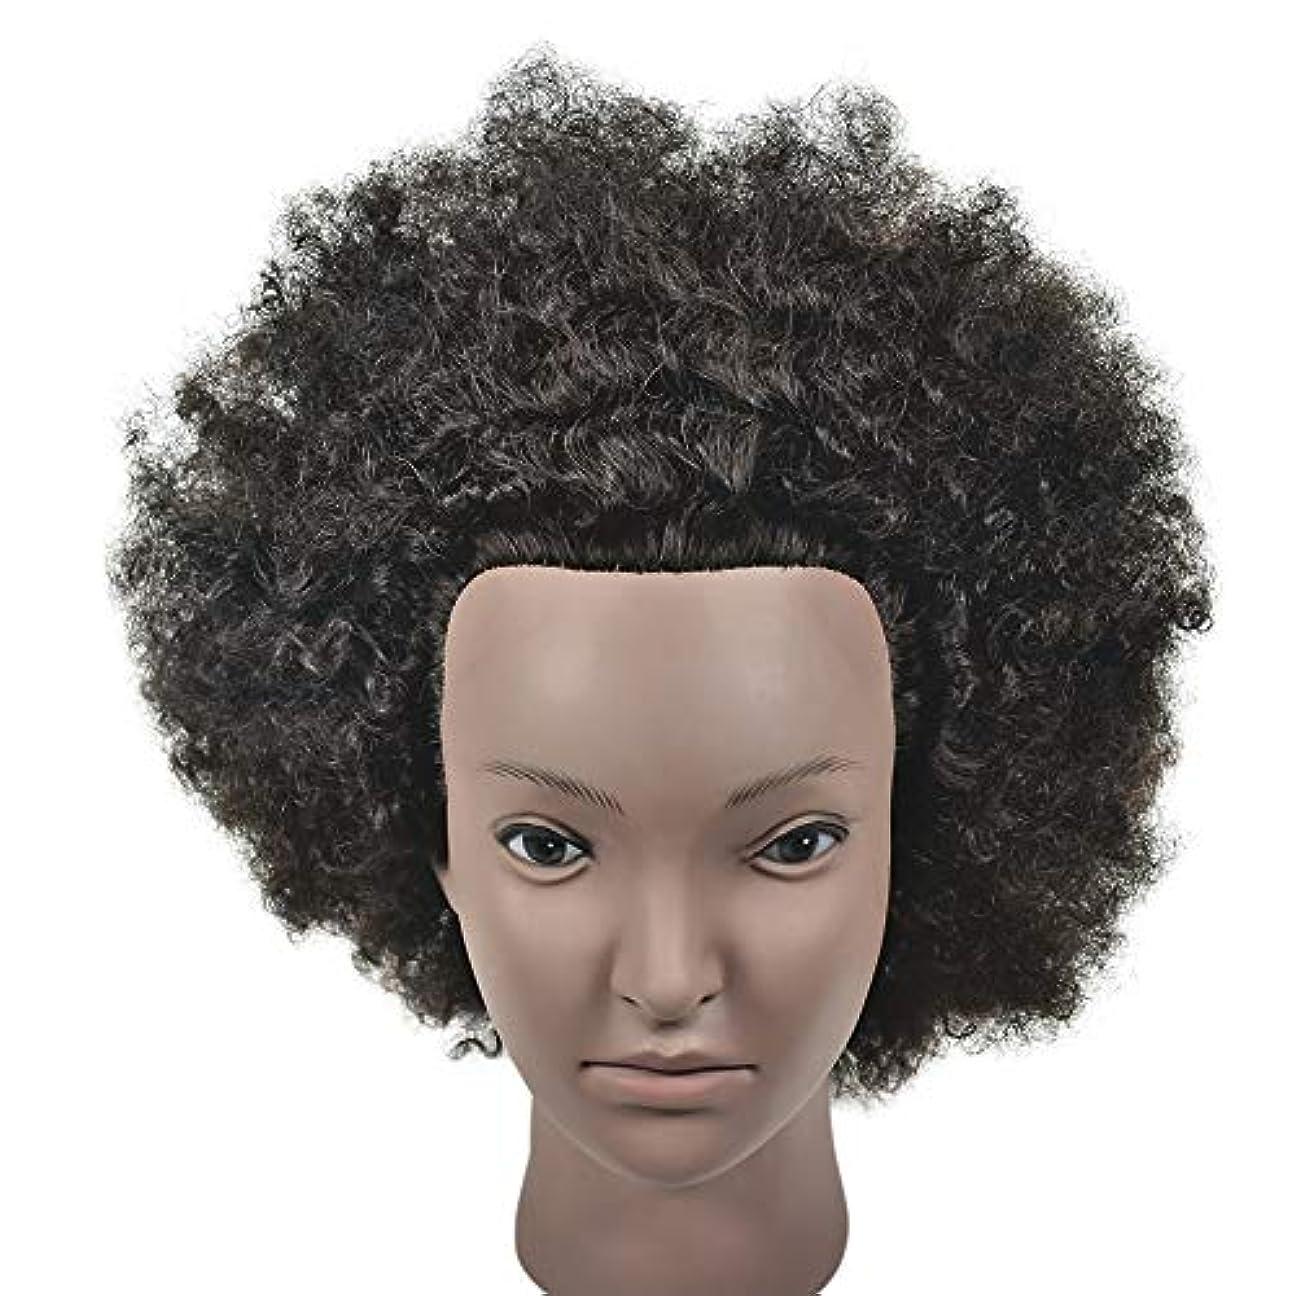 連合リンス画面理髪店トリミングヘアエクササイズヘッドモールドメイクモデリング学習マネキンダミー爆発ヘッドブラック